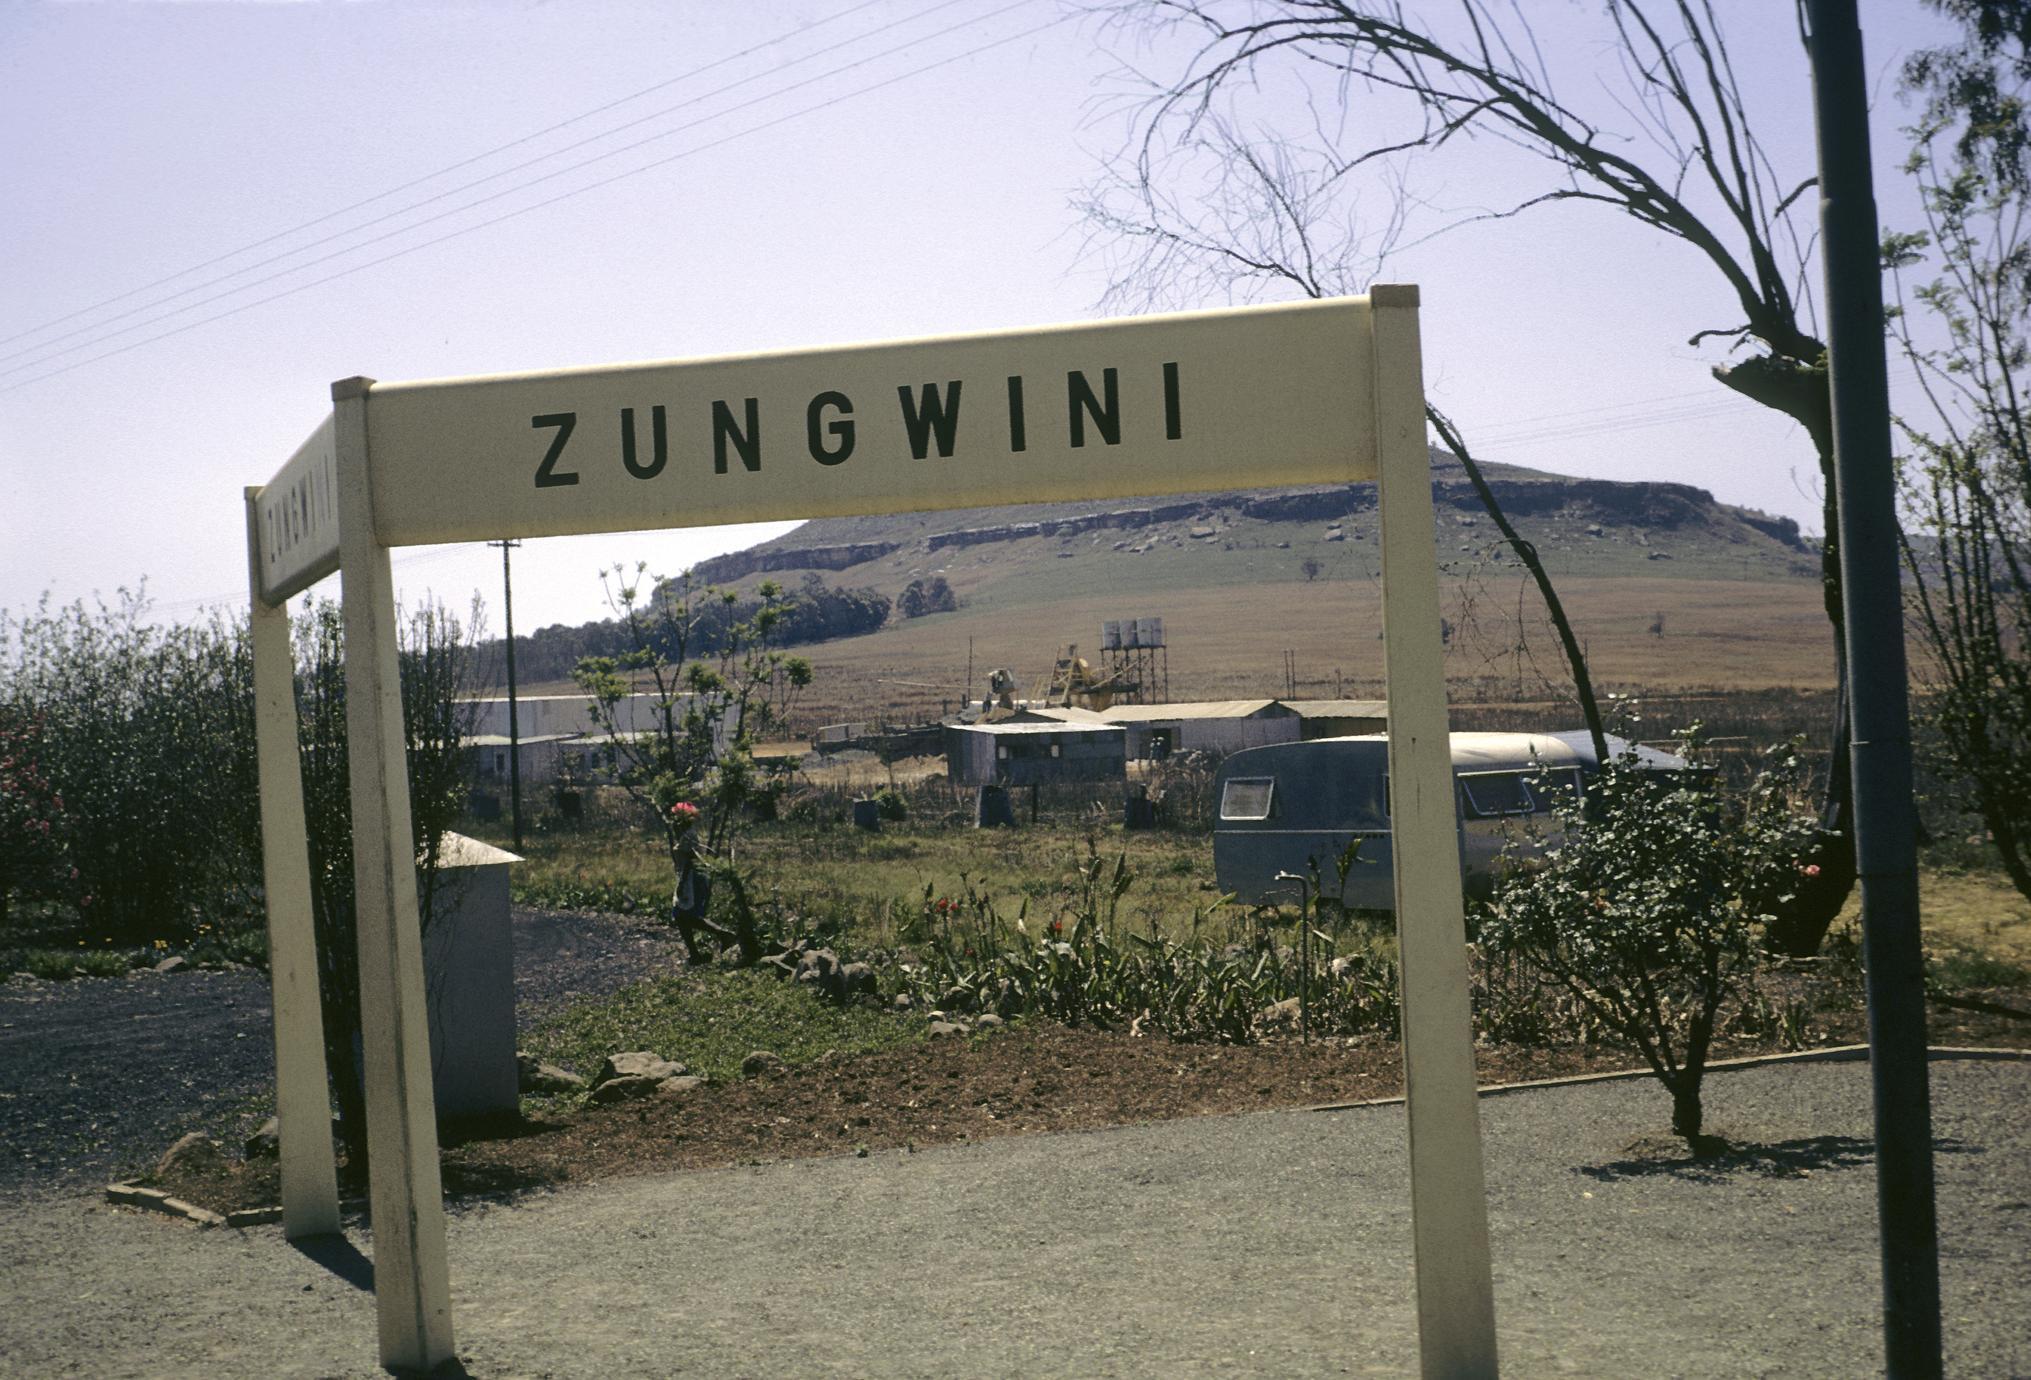 Zungwini